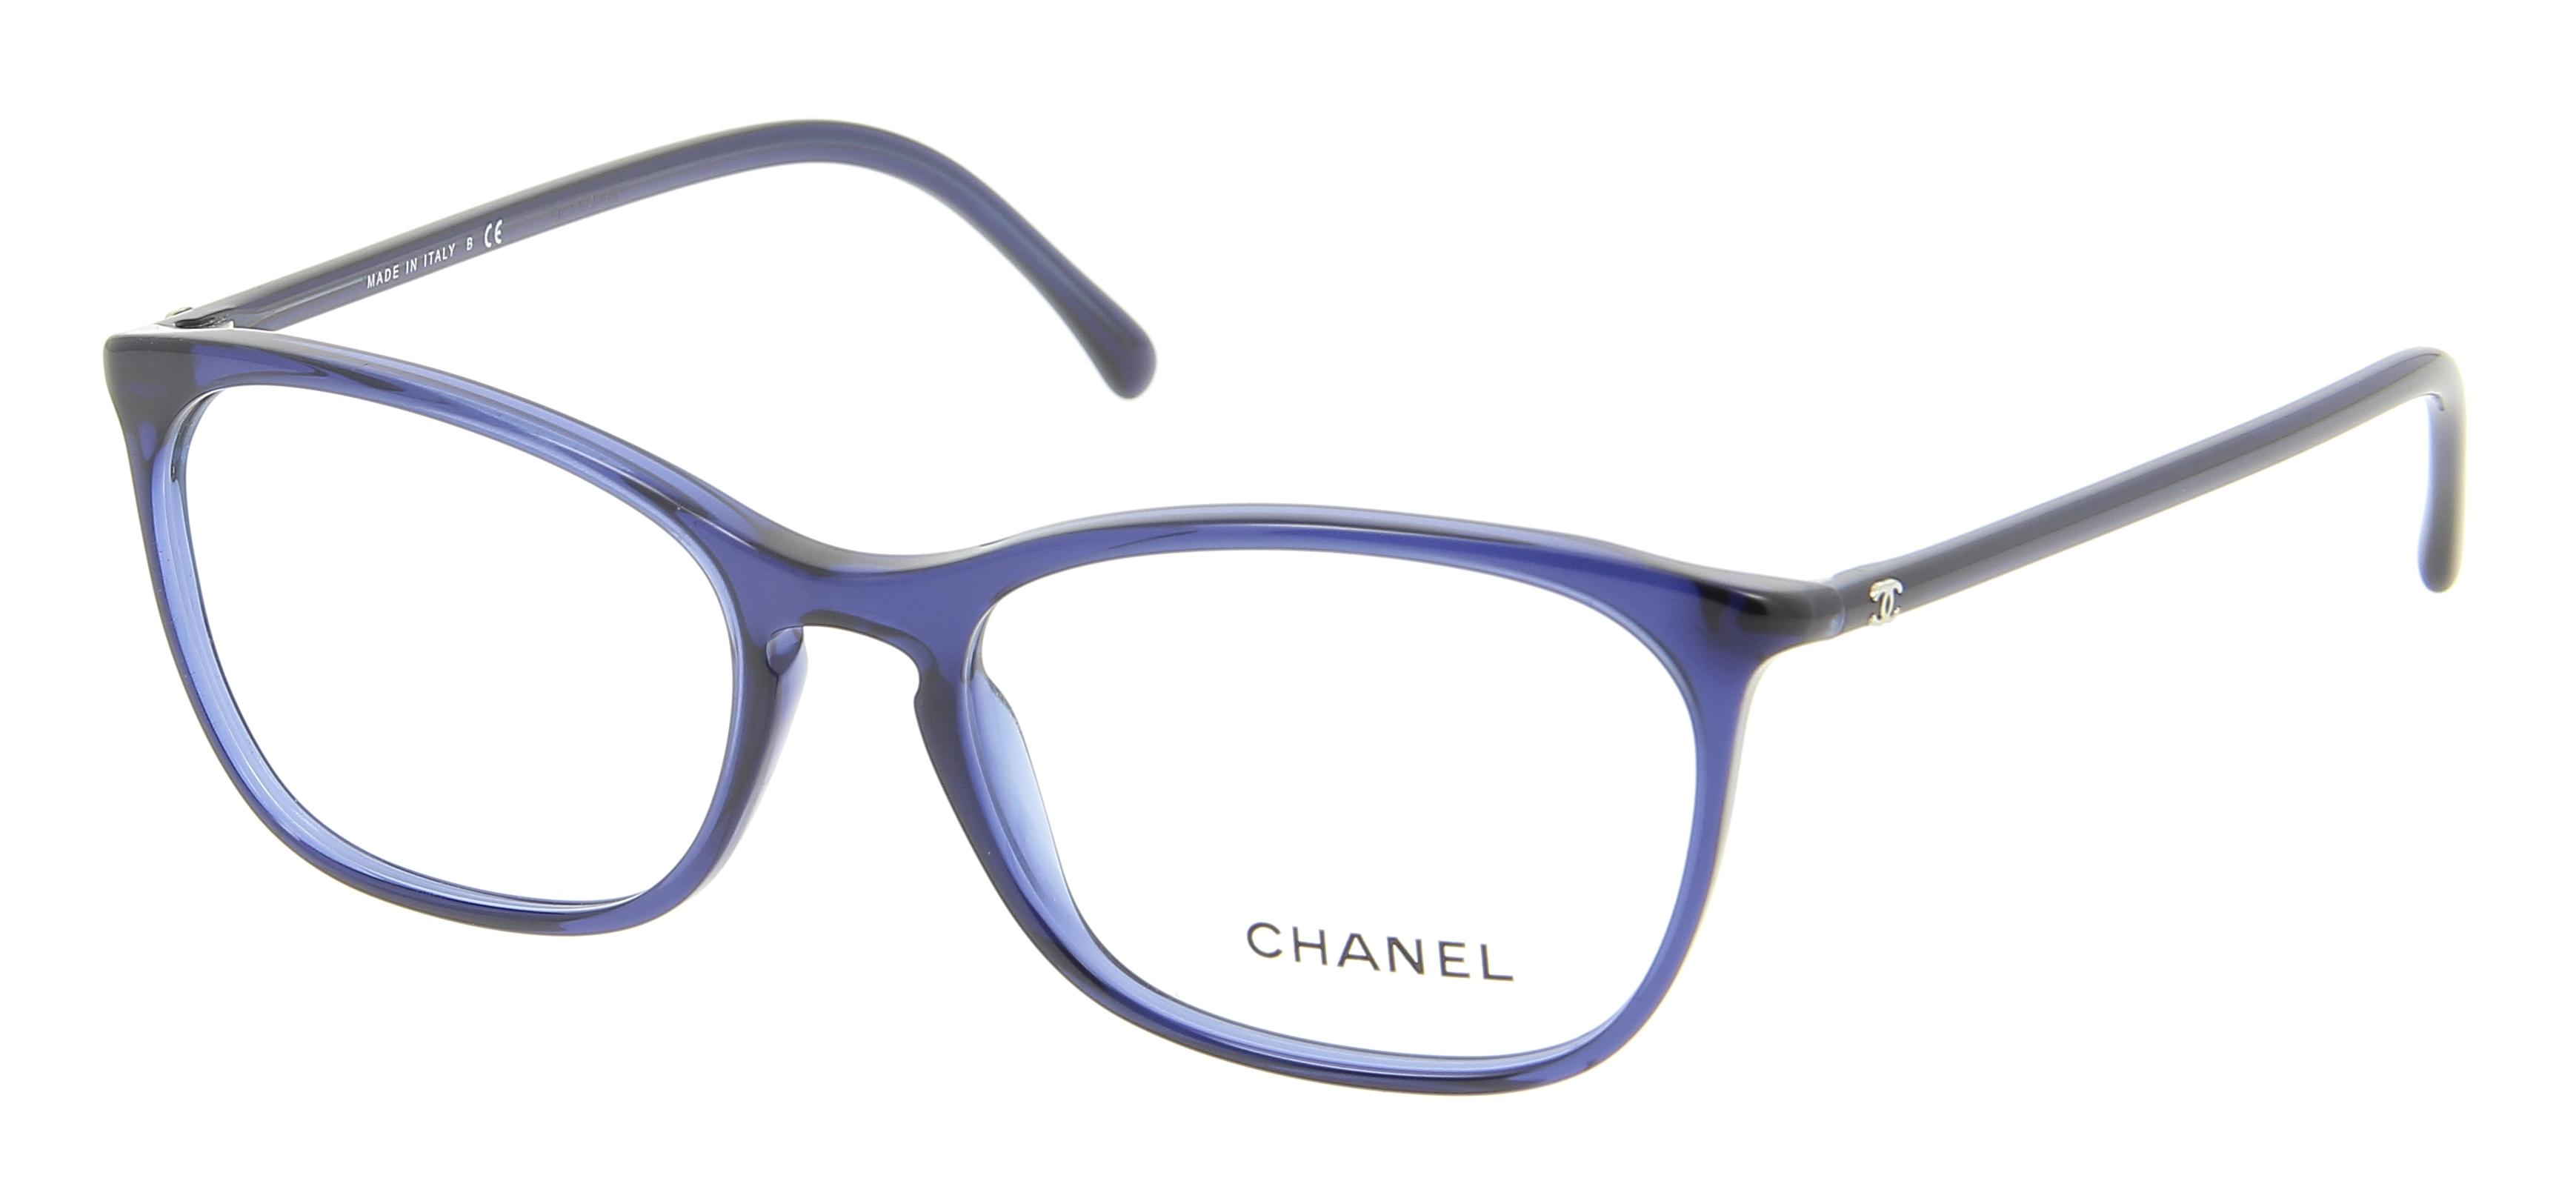 d52b8fe72add14 Monture Lunette Vue Chanel Femme   David Simchi-Levi